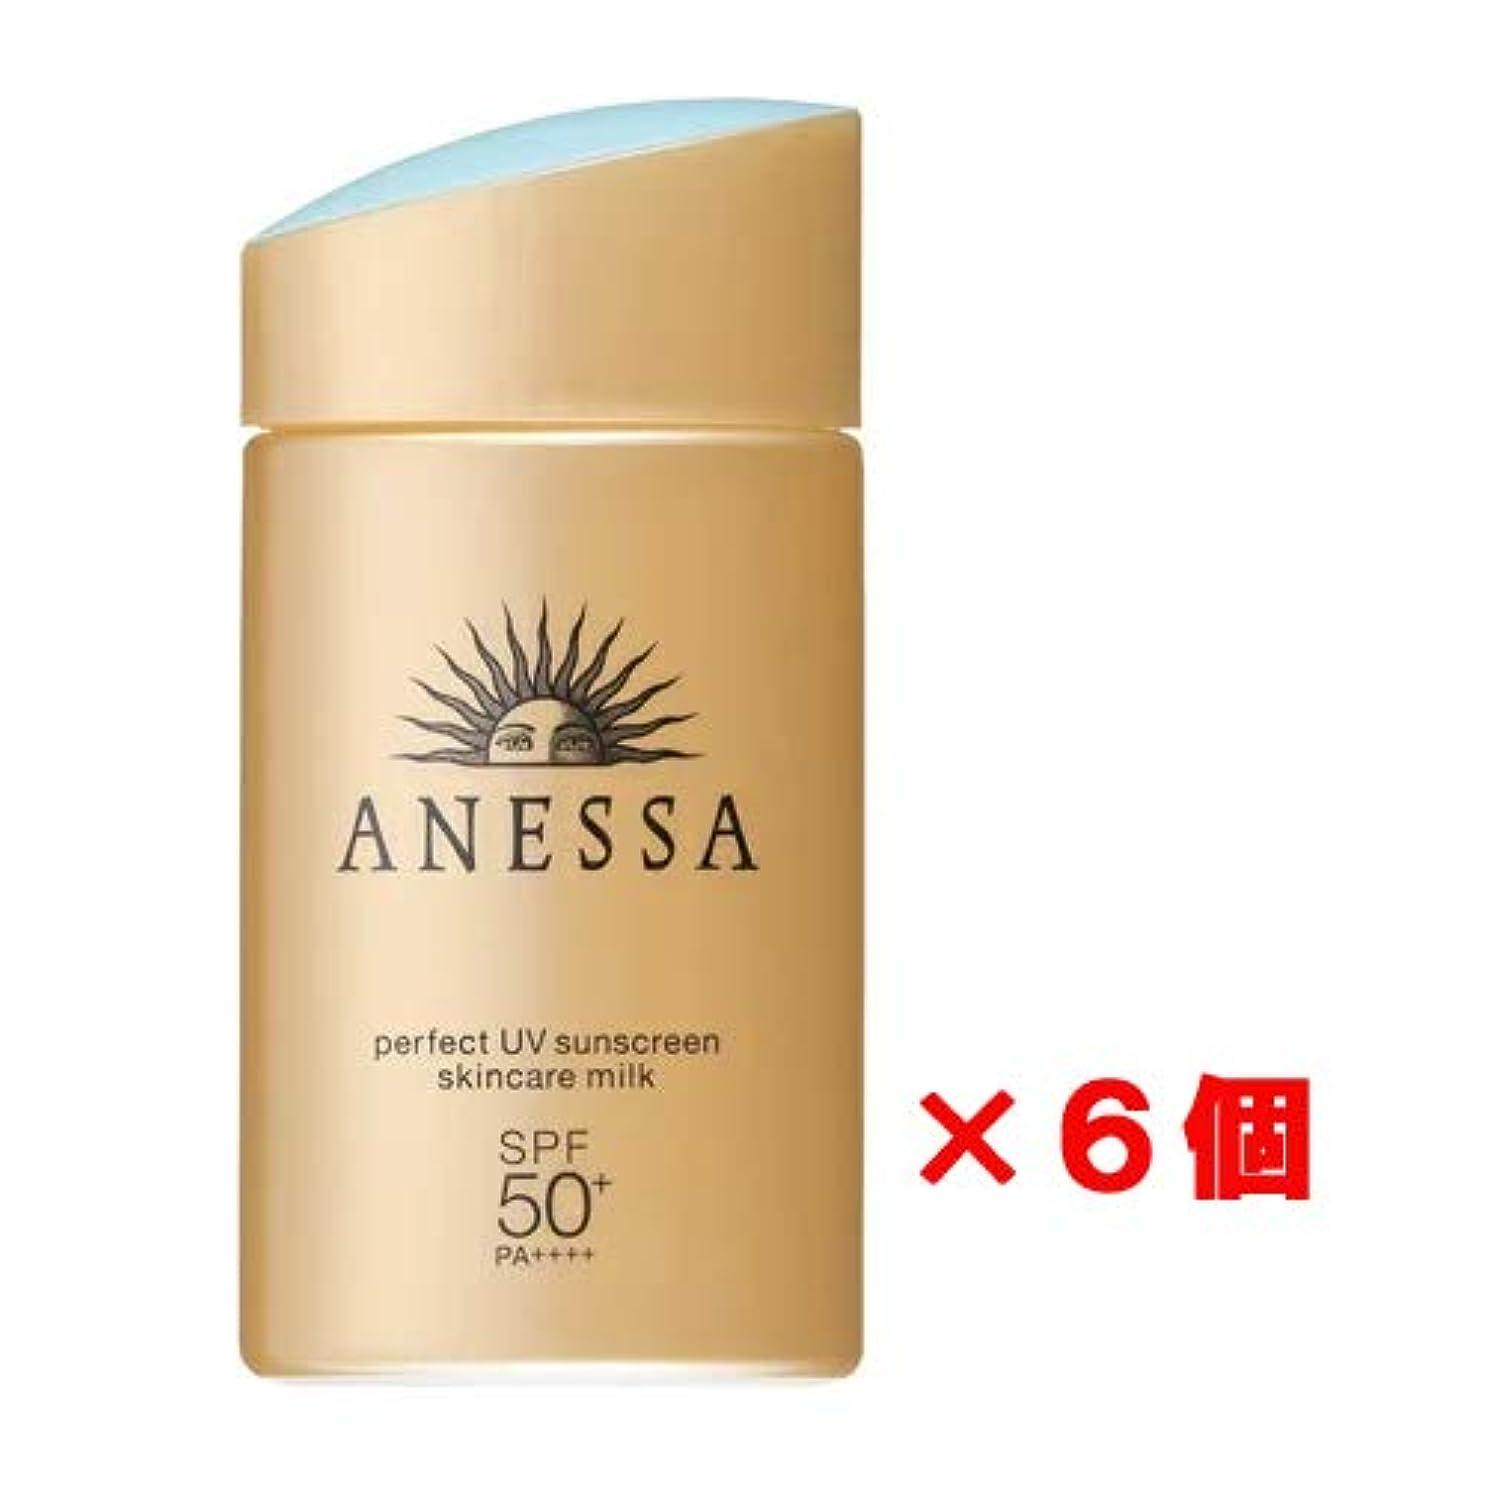 裏切り仮定する単独でアネッサ パーフェクトUV スキンケアミルク SPF50+/PA++++ 60mL ×6個セット